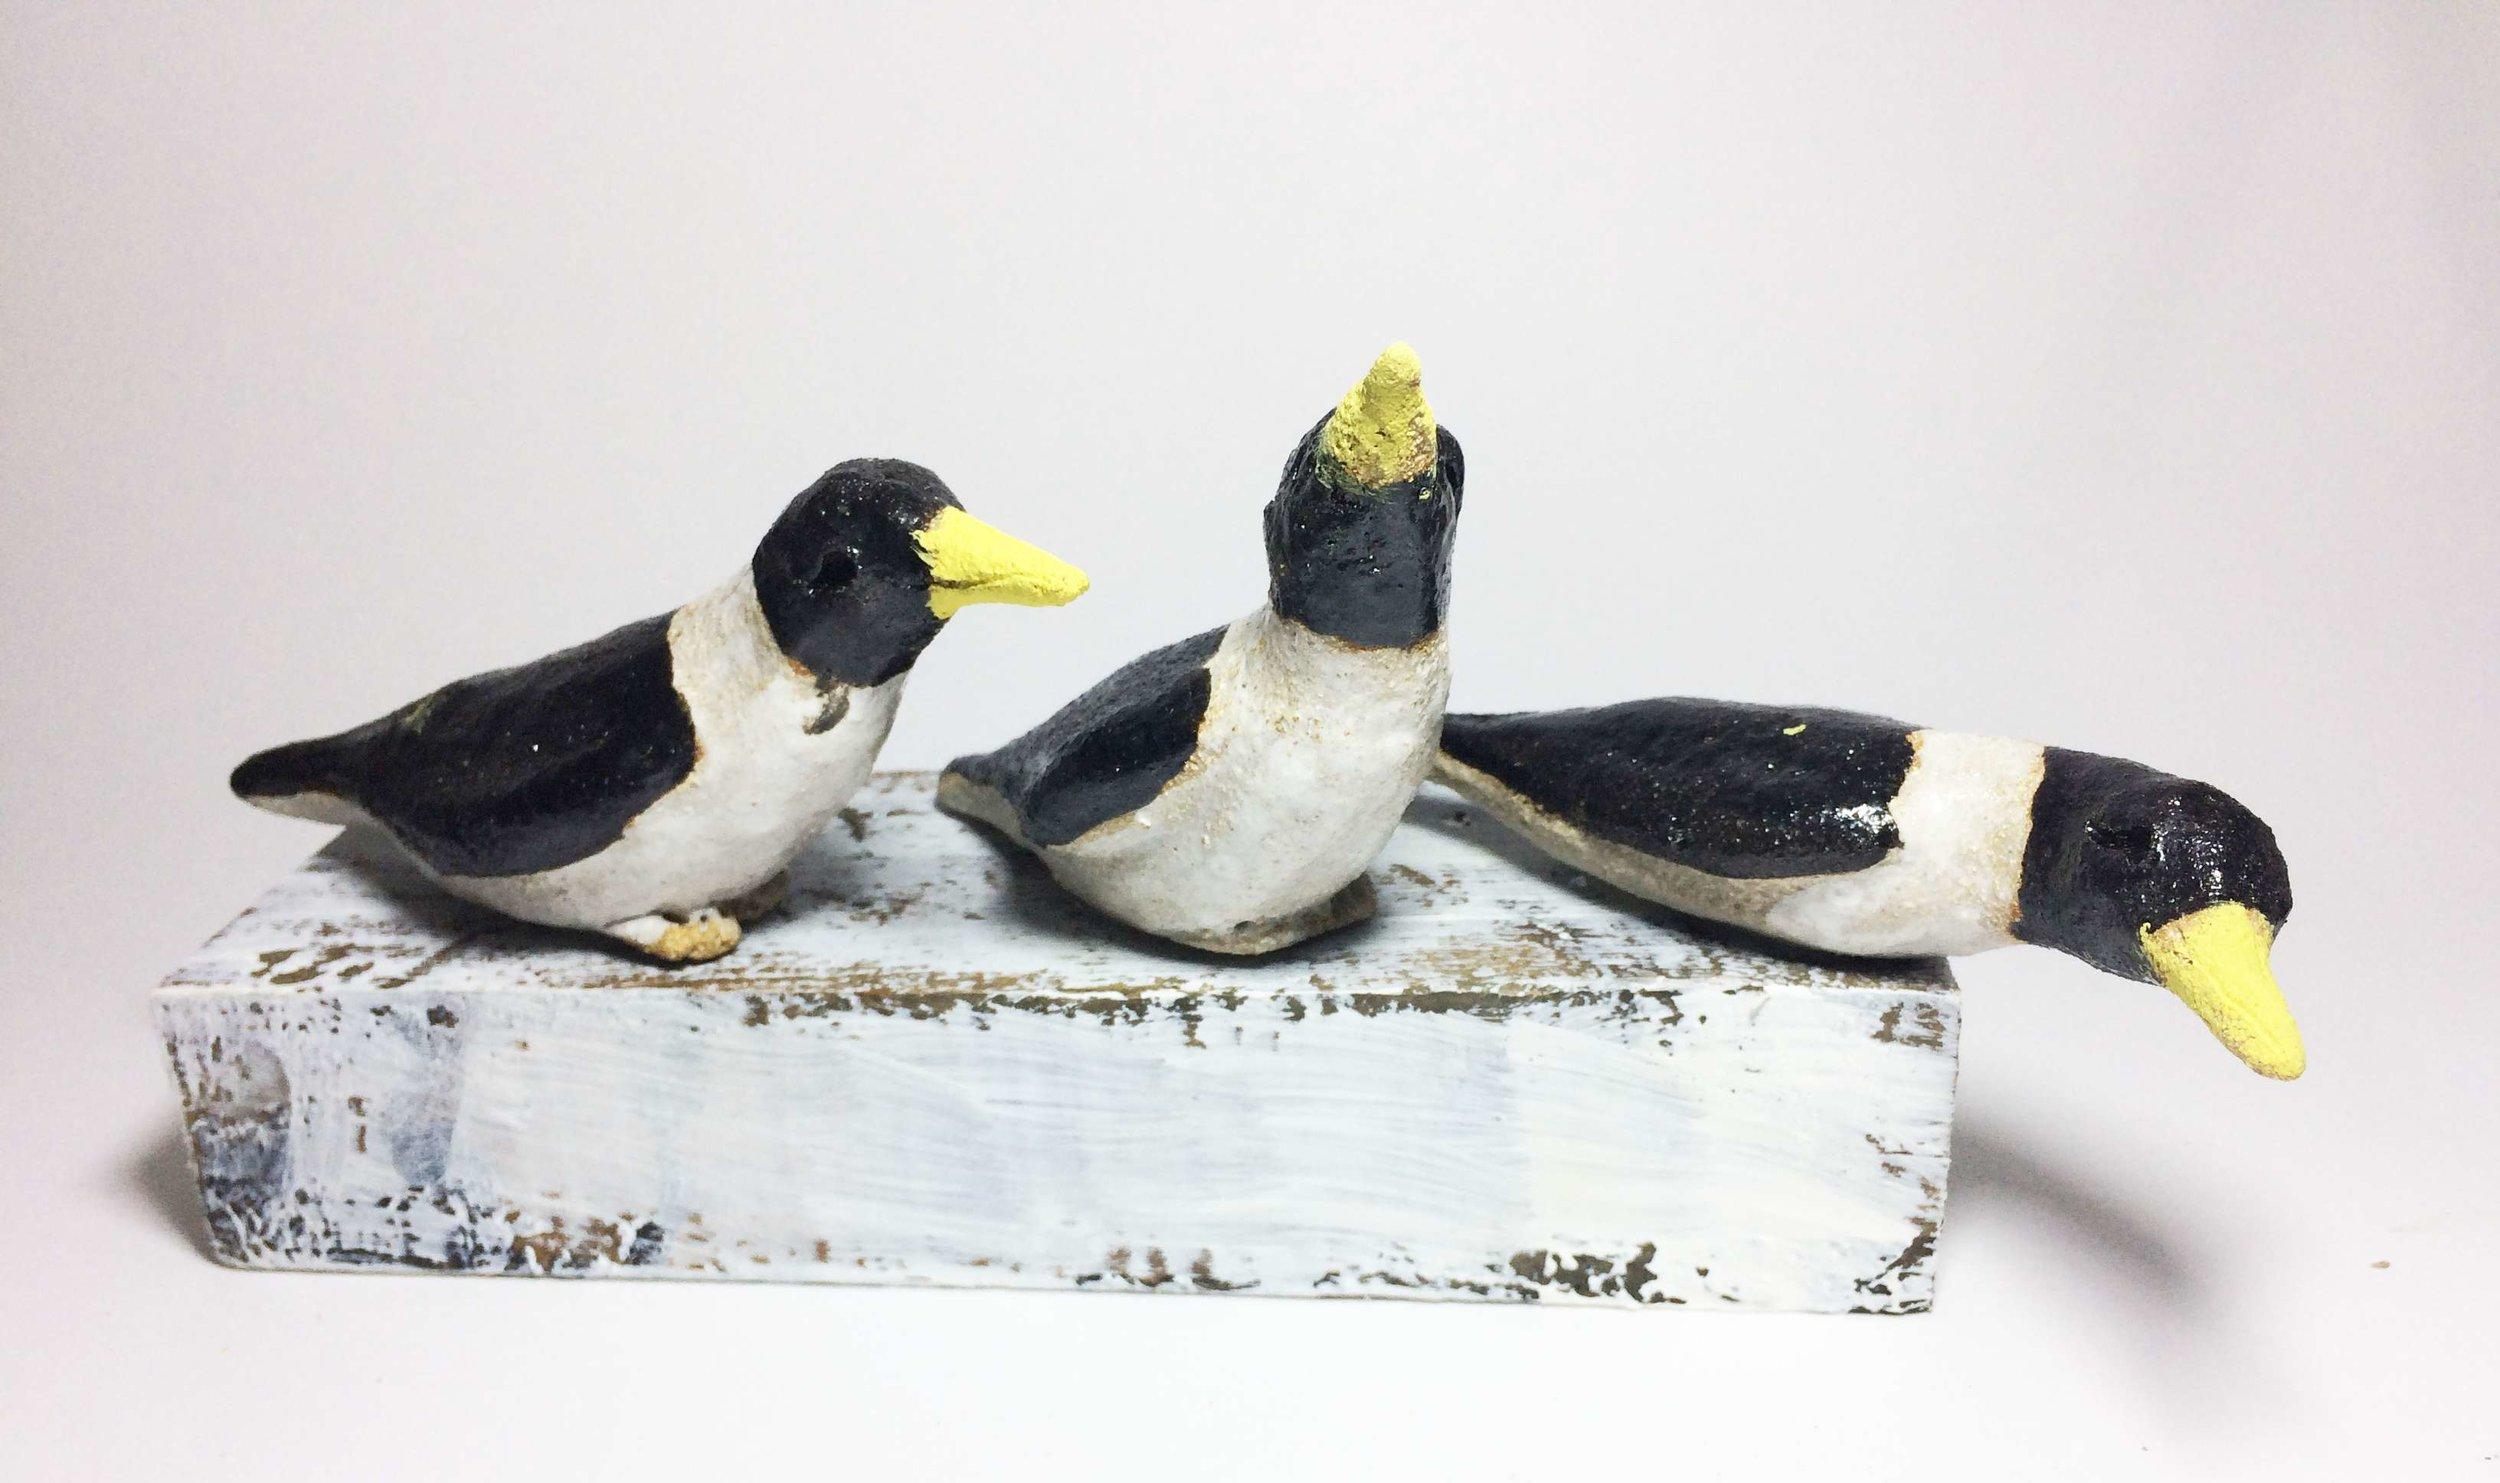 3 Penguins on Woodblock